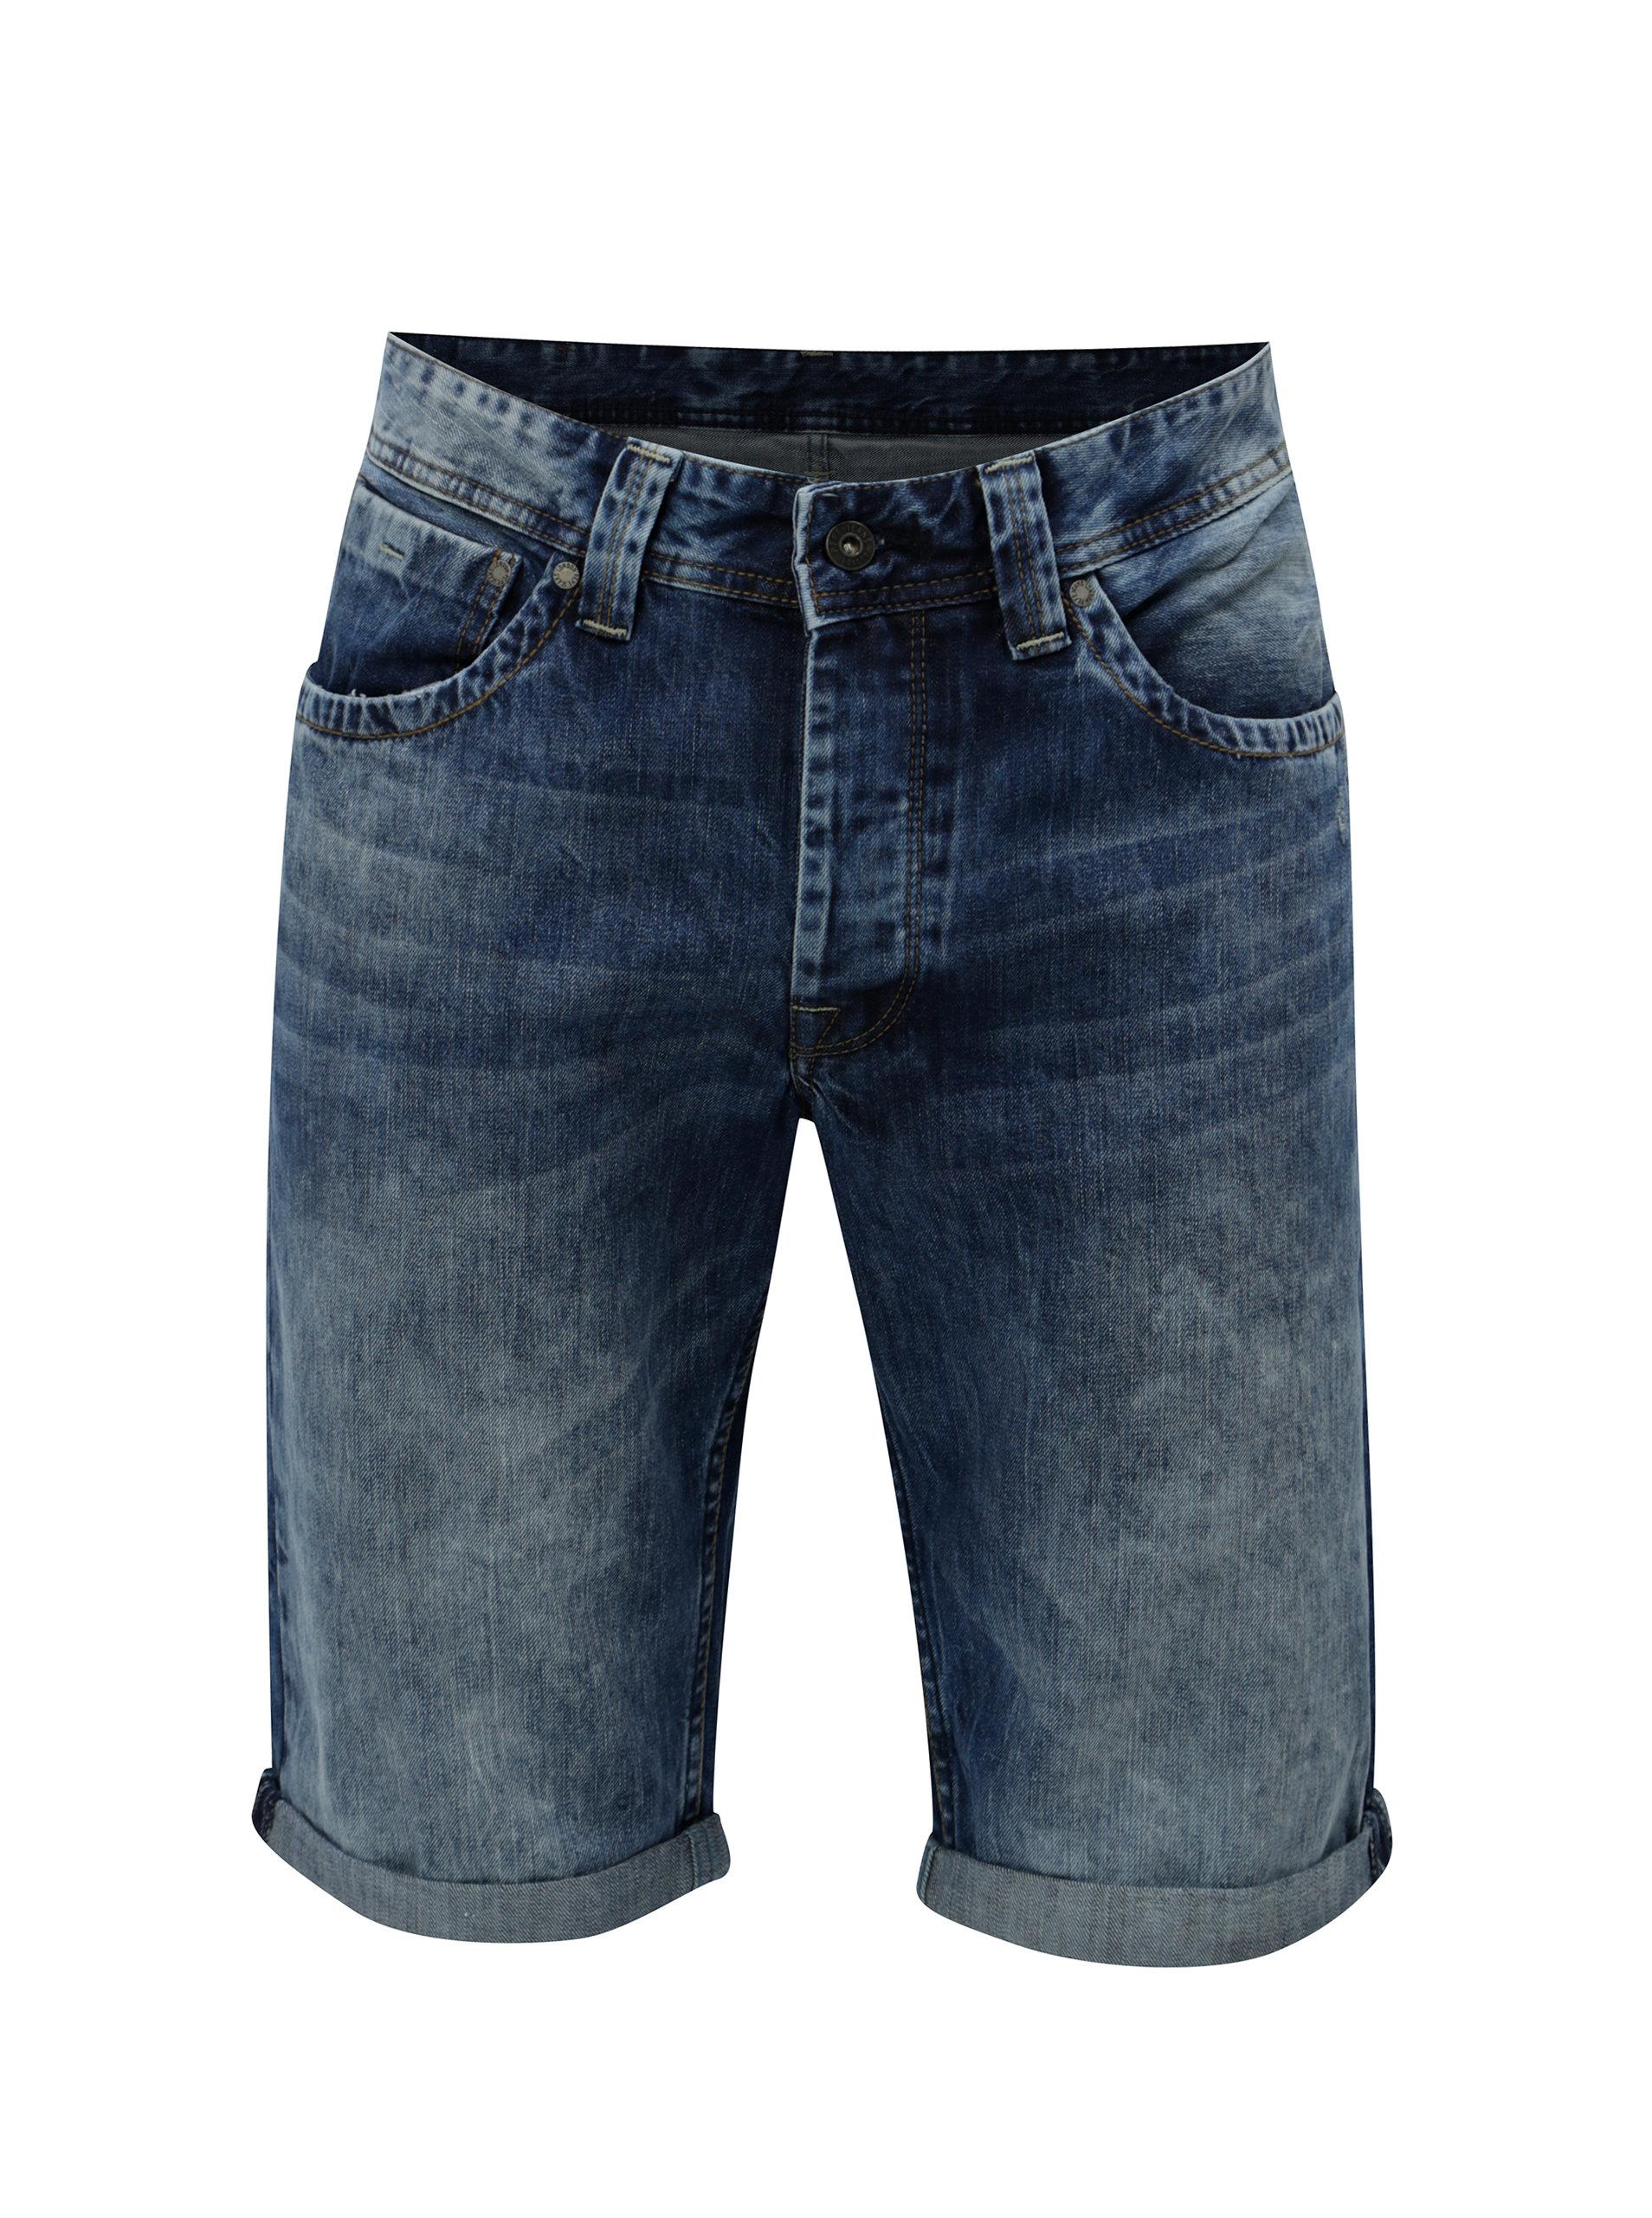 a8ce5885e61 Tmavě modré pánské džínové kraťasy Pepe Jeans Crash short ...